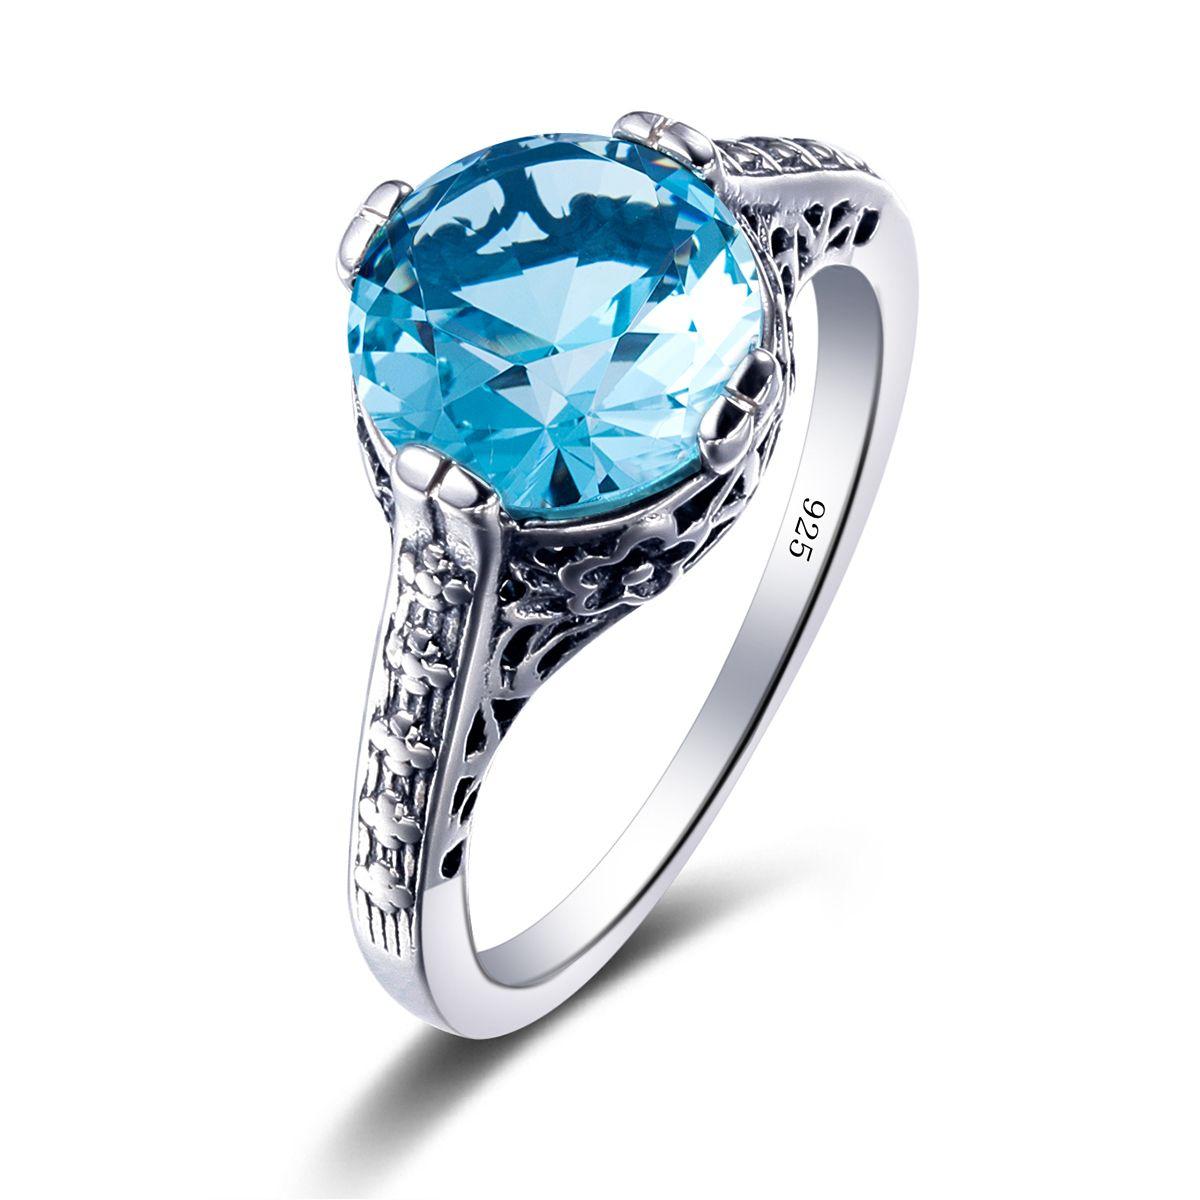 Винтаж стерлингового серебра 925 коктейль кольцо Богемия резные База CZ создания ruby камень Аквамарин Для женщин Вечеринка палец кольцо